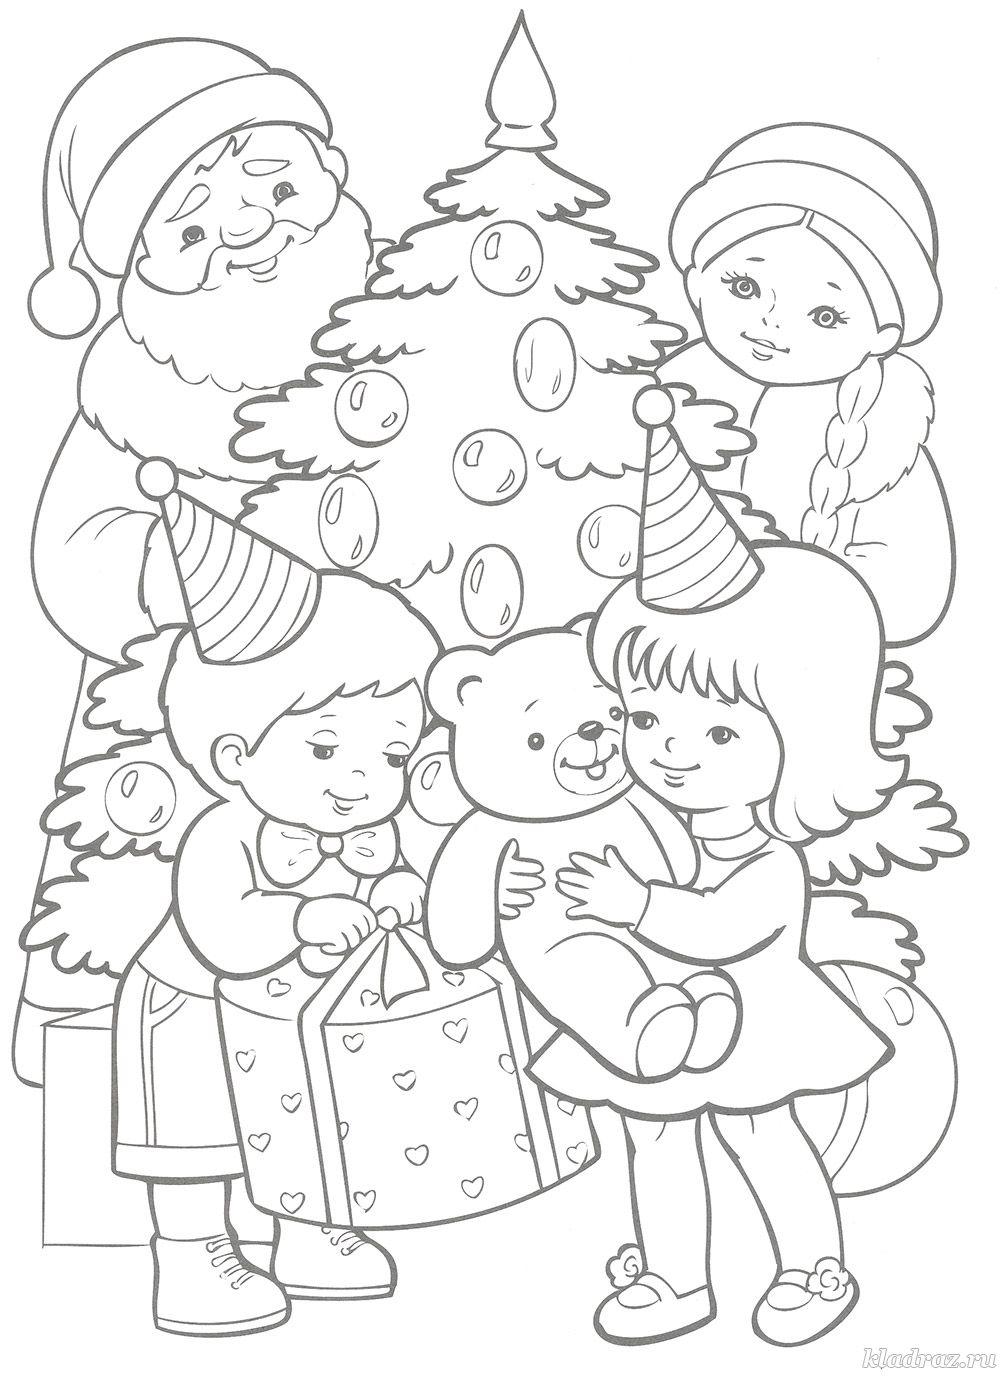 Раскраска. 1 января – Новый год